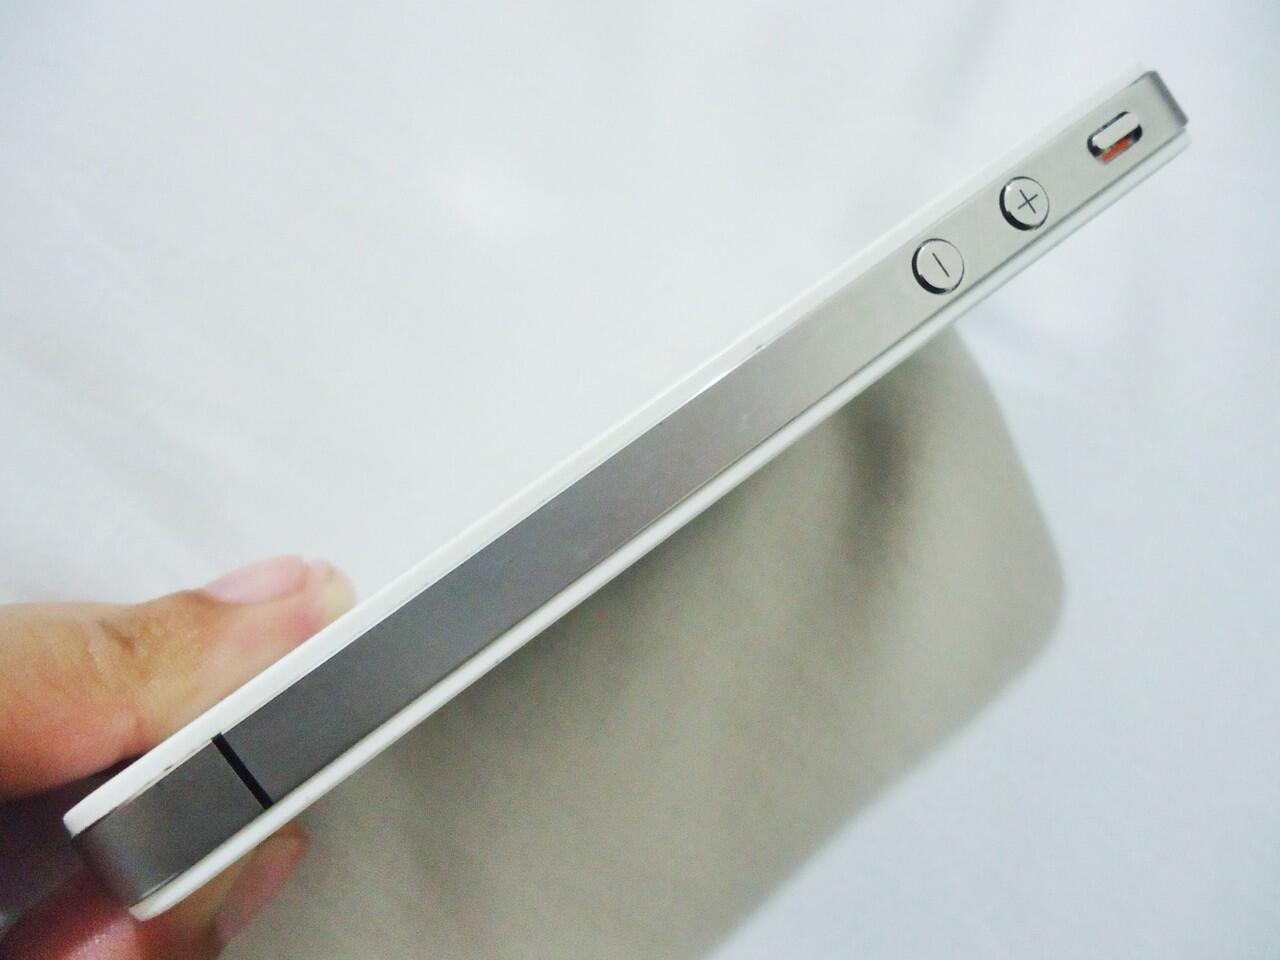 WTS iPhone 4 16Gb white/putih FU [BANDUNG]